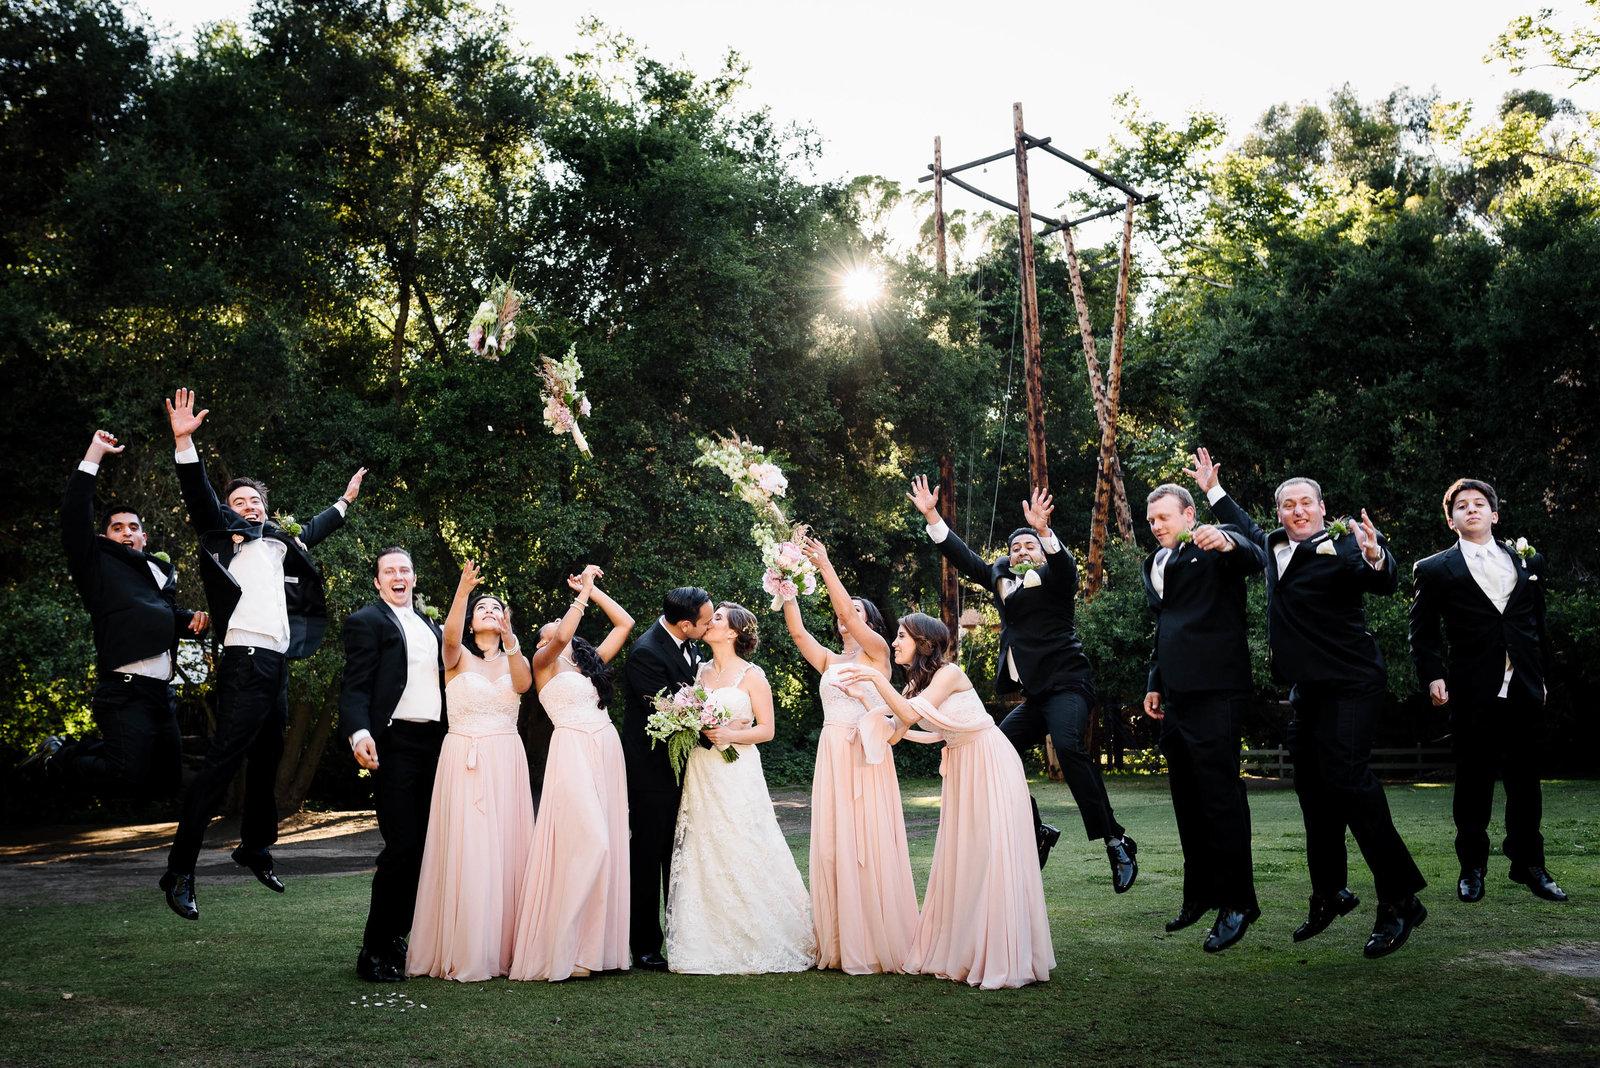 168-El-paso-wedding-photographer-MiAr_0500